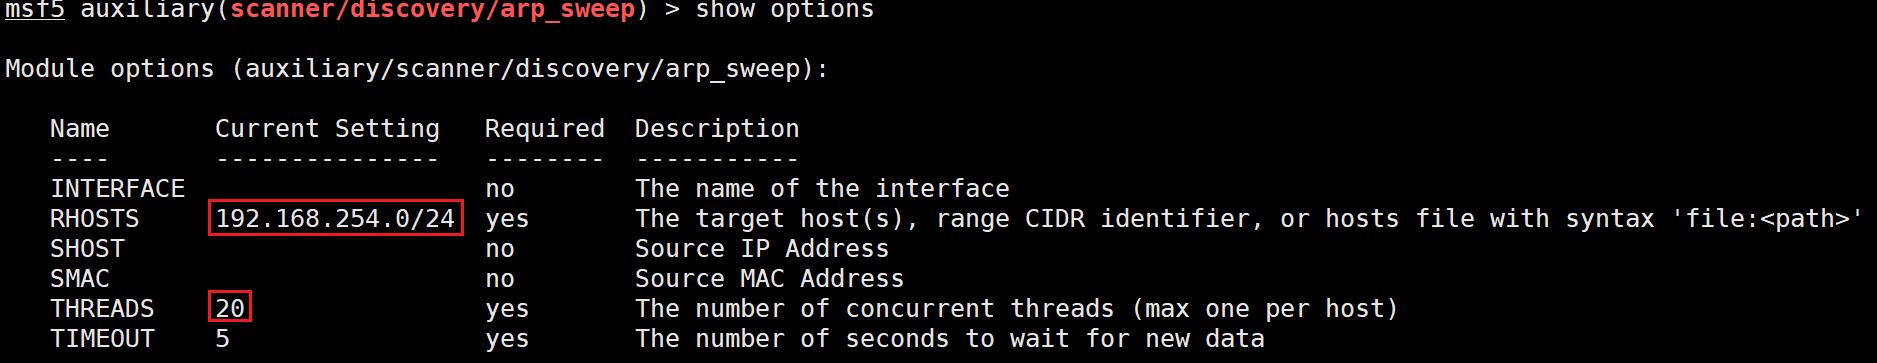 网络安全人员一定要知道的Metasploit渗透框架!